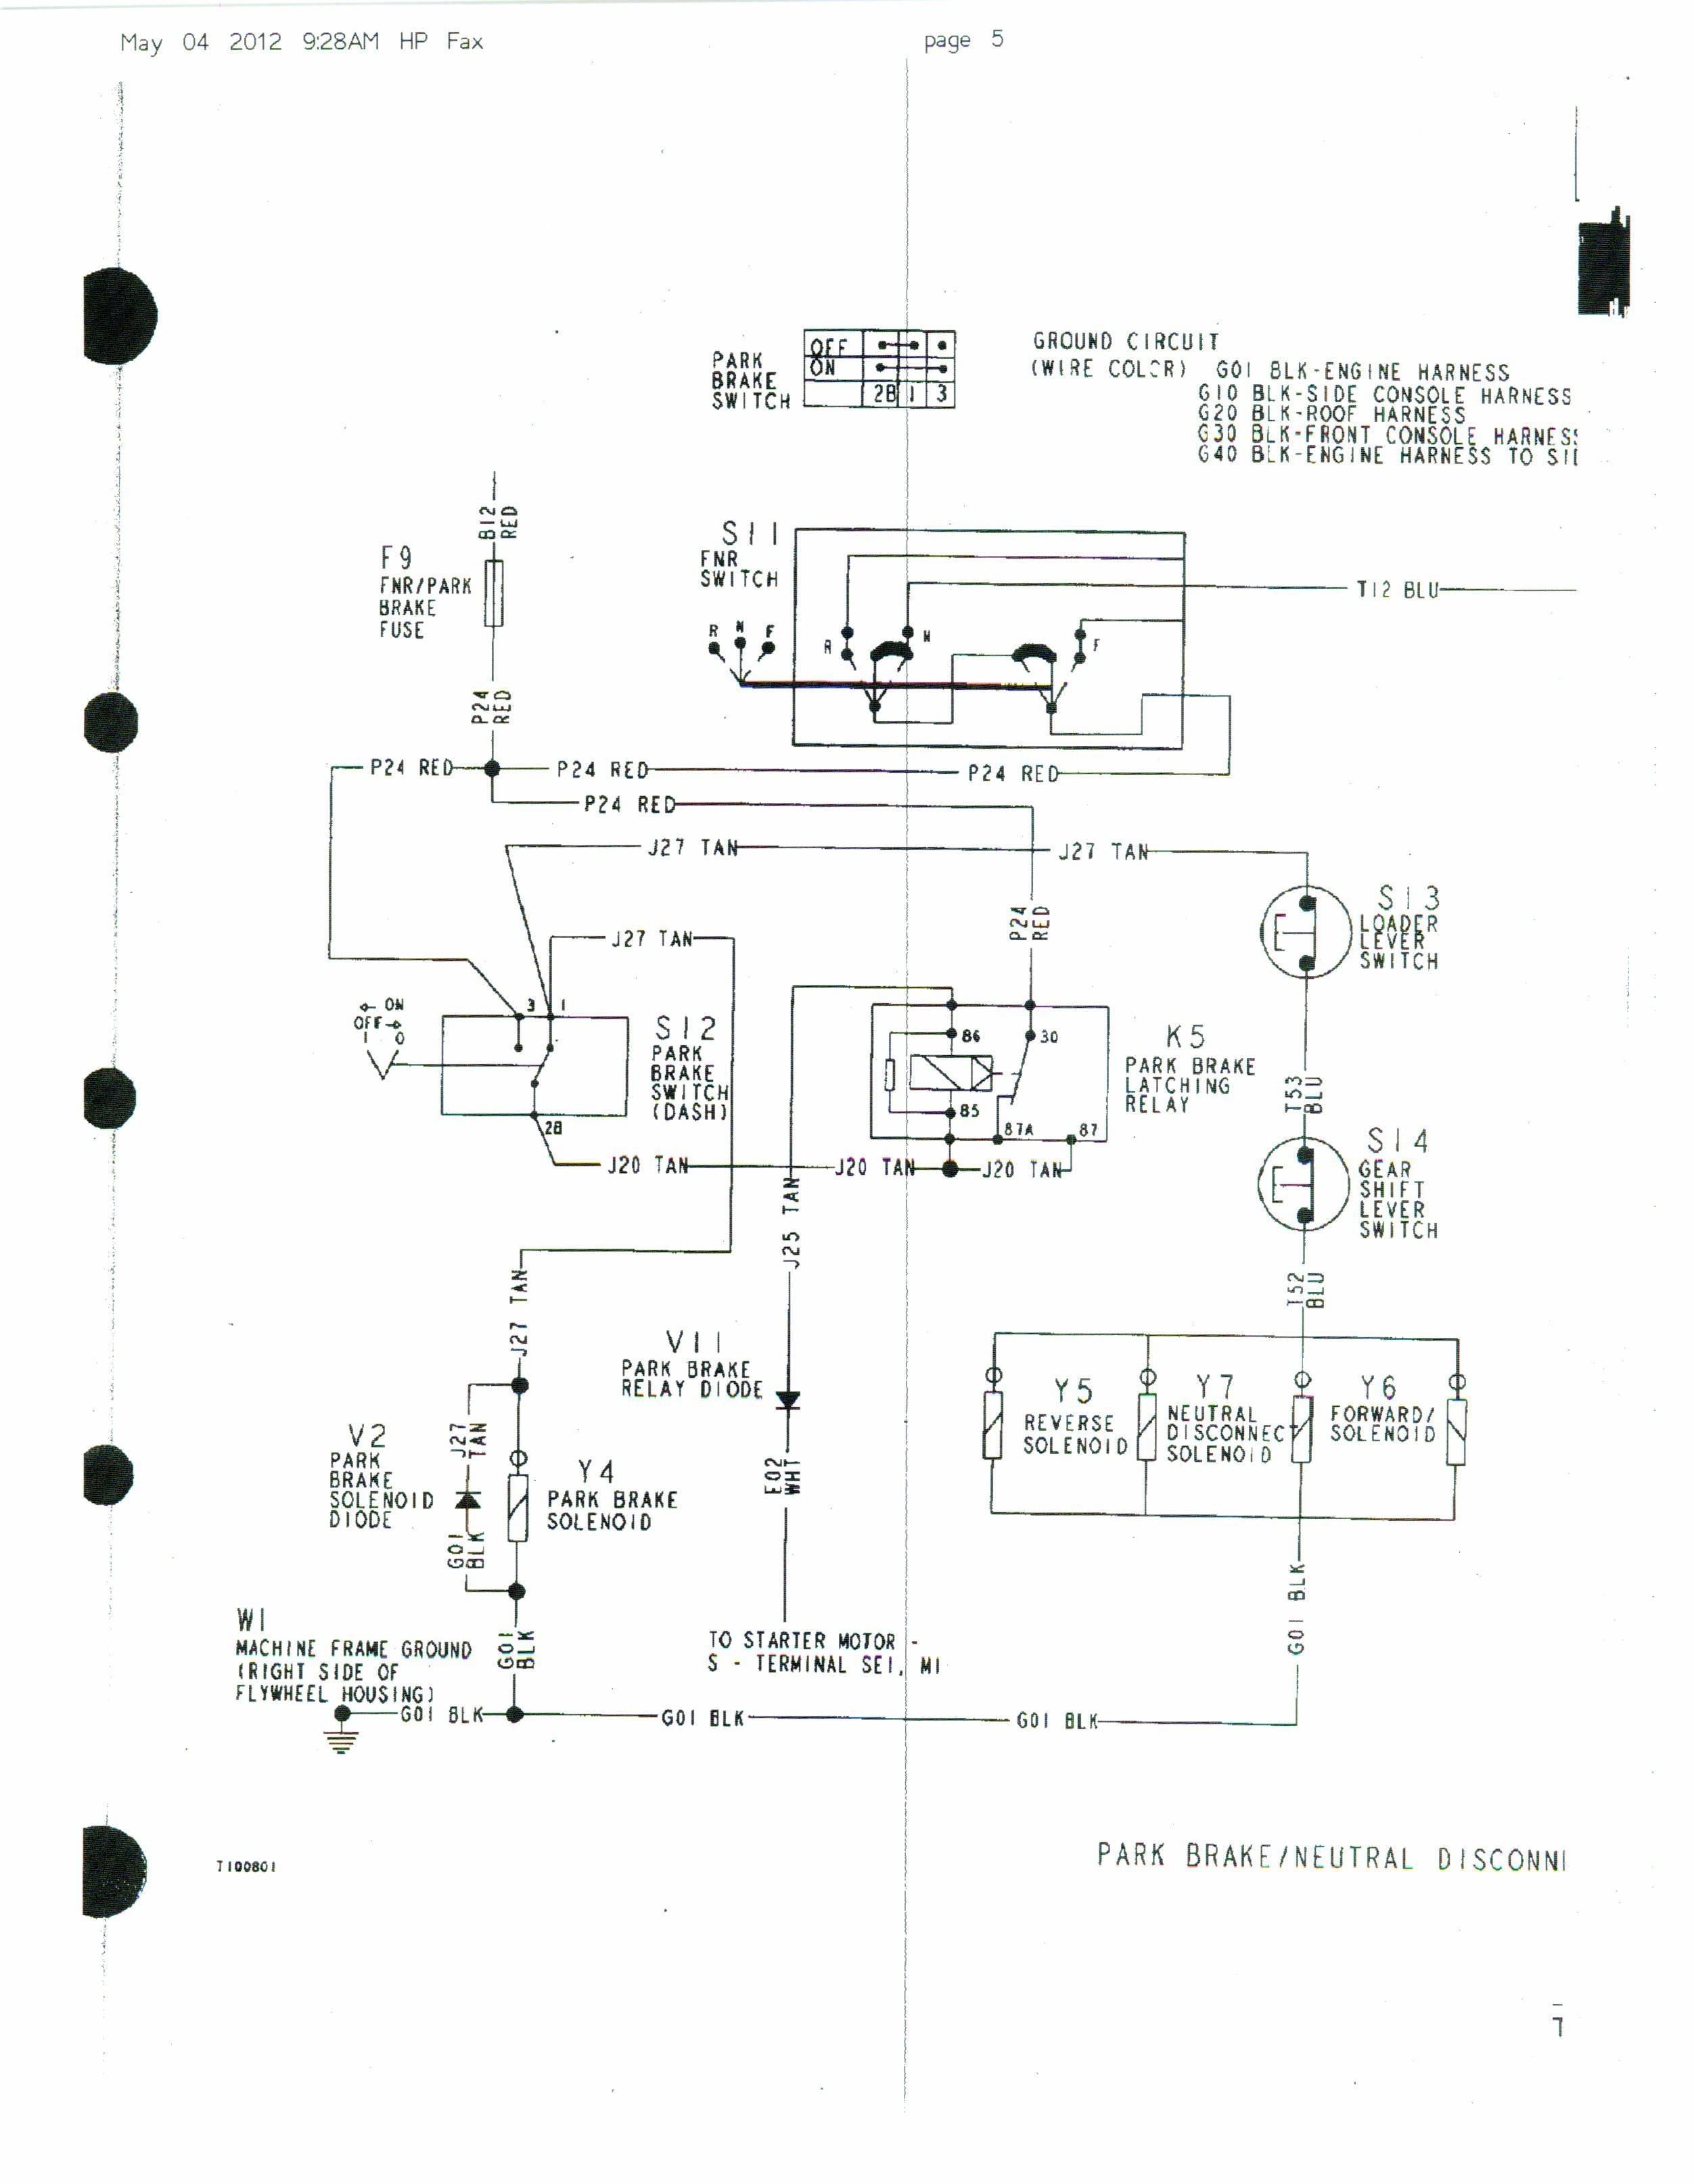 Diagram Of Braking System Emergency Brake Famous Parking Switch Wiring